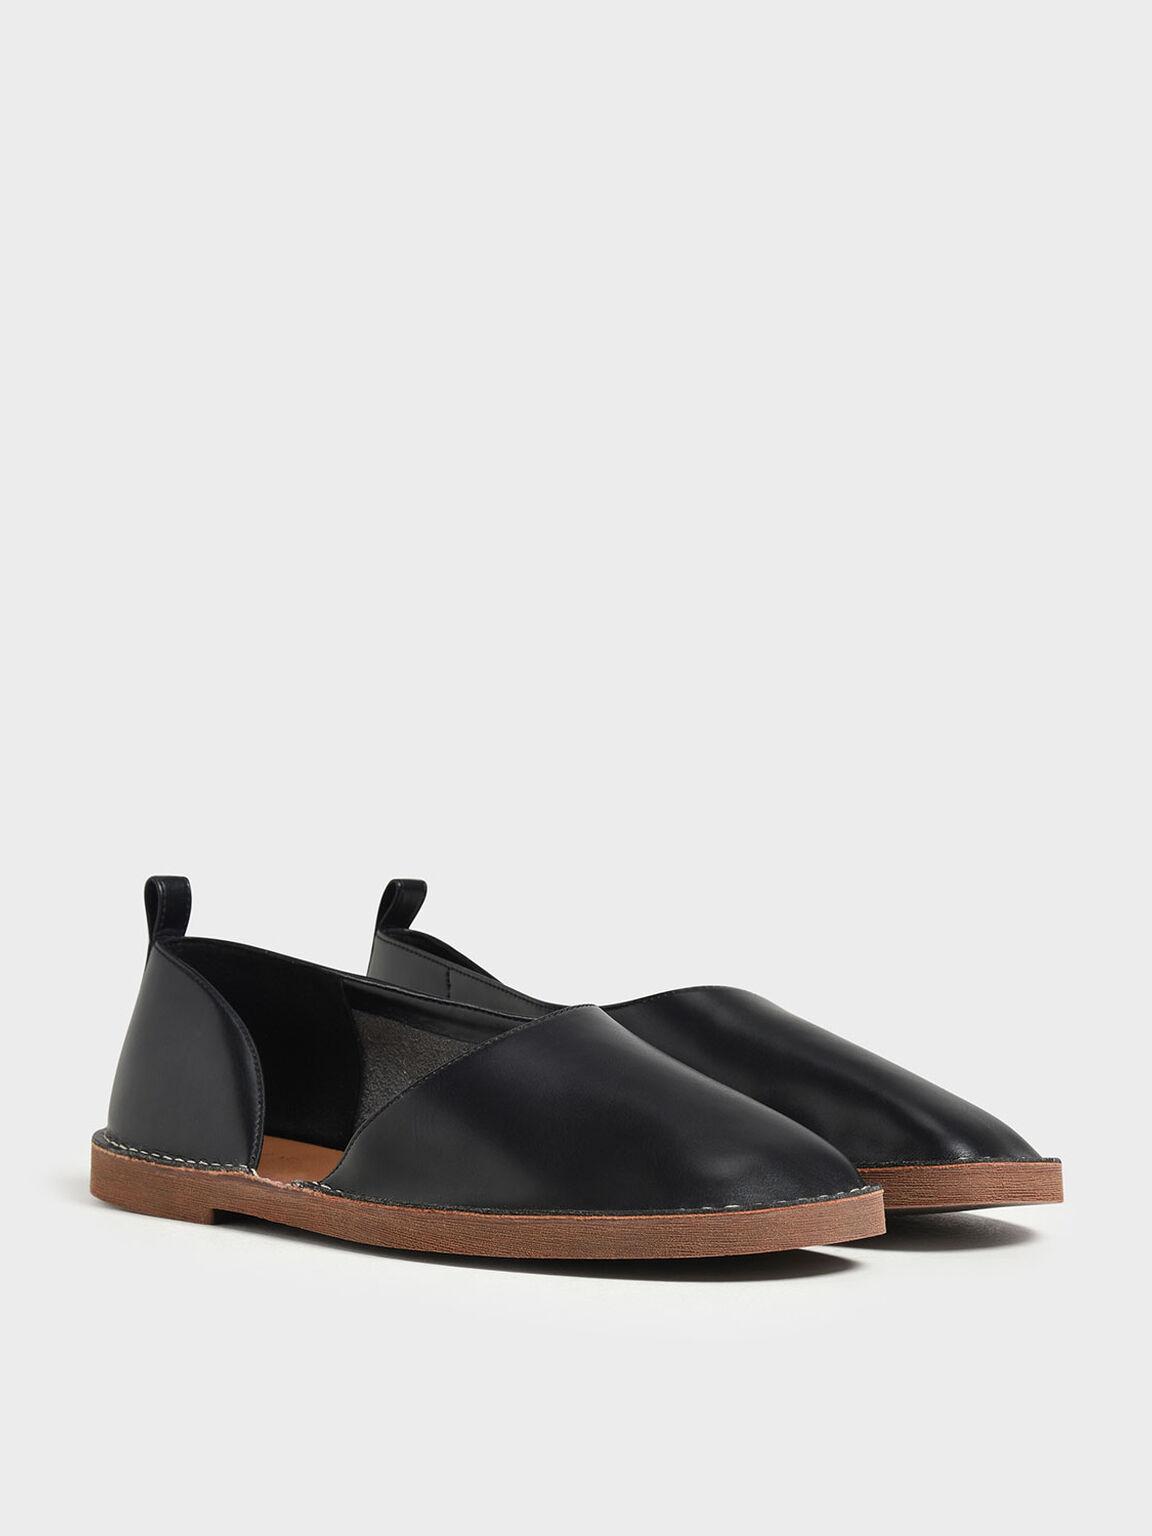 D'Orsay Loafers, Black, hi-res